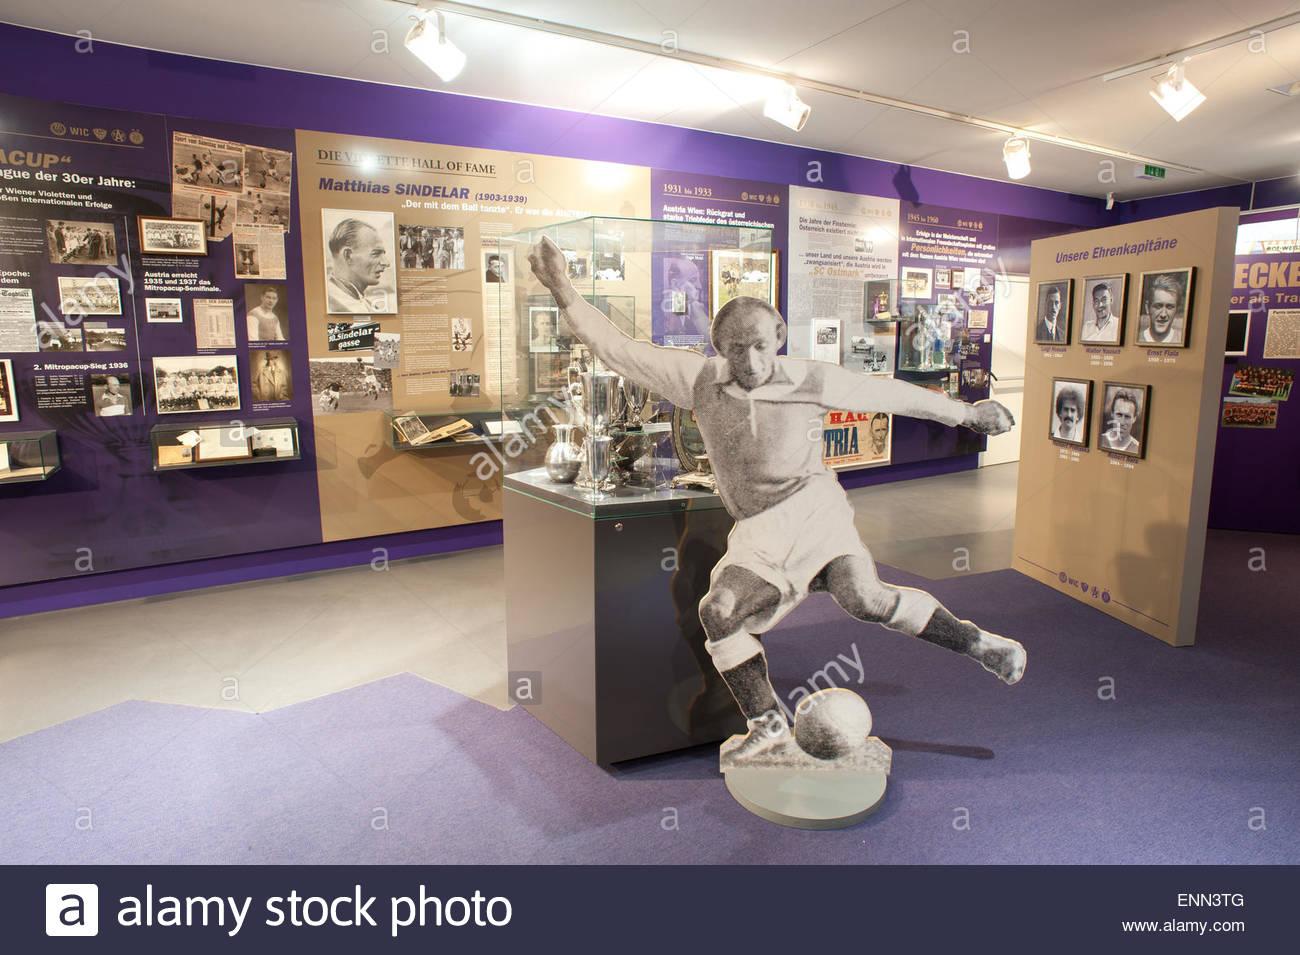 Wien, Fussball, Austria-Museum im Horr-Stadion, Andenken an das Wunderteam von Hugo Meisl - Stock Image